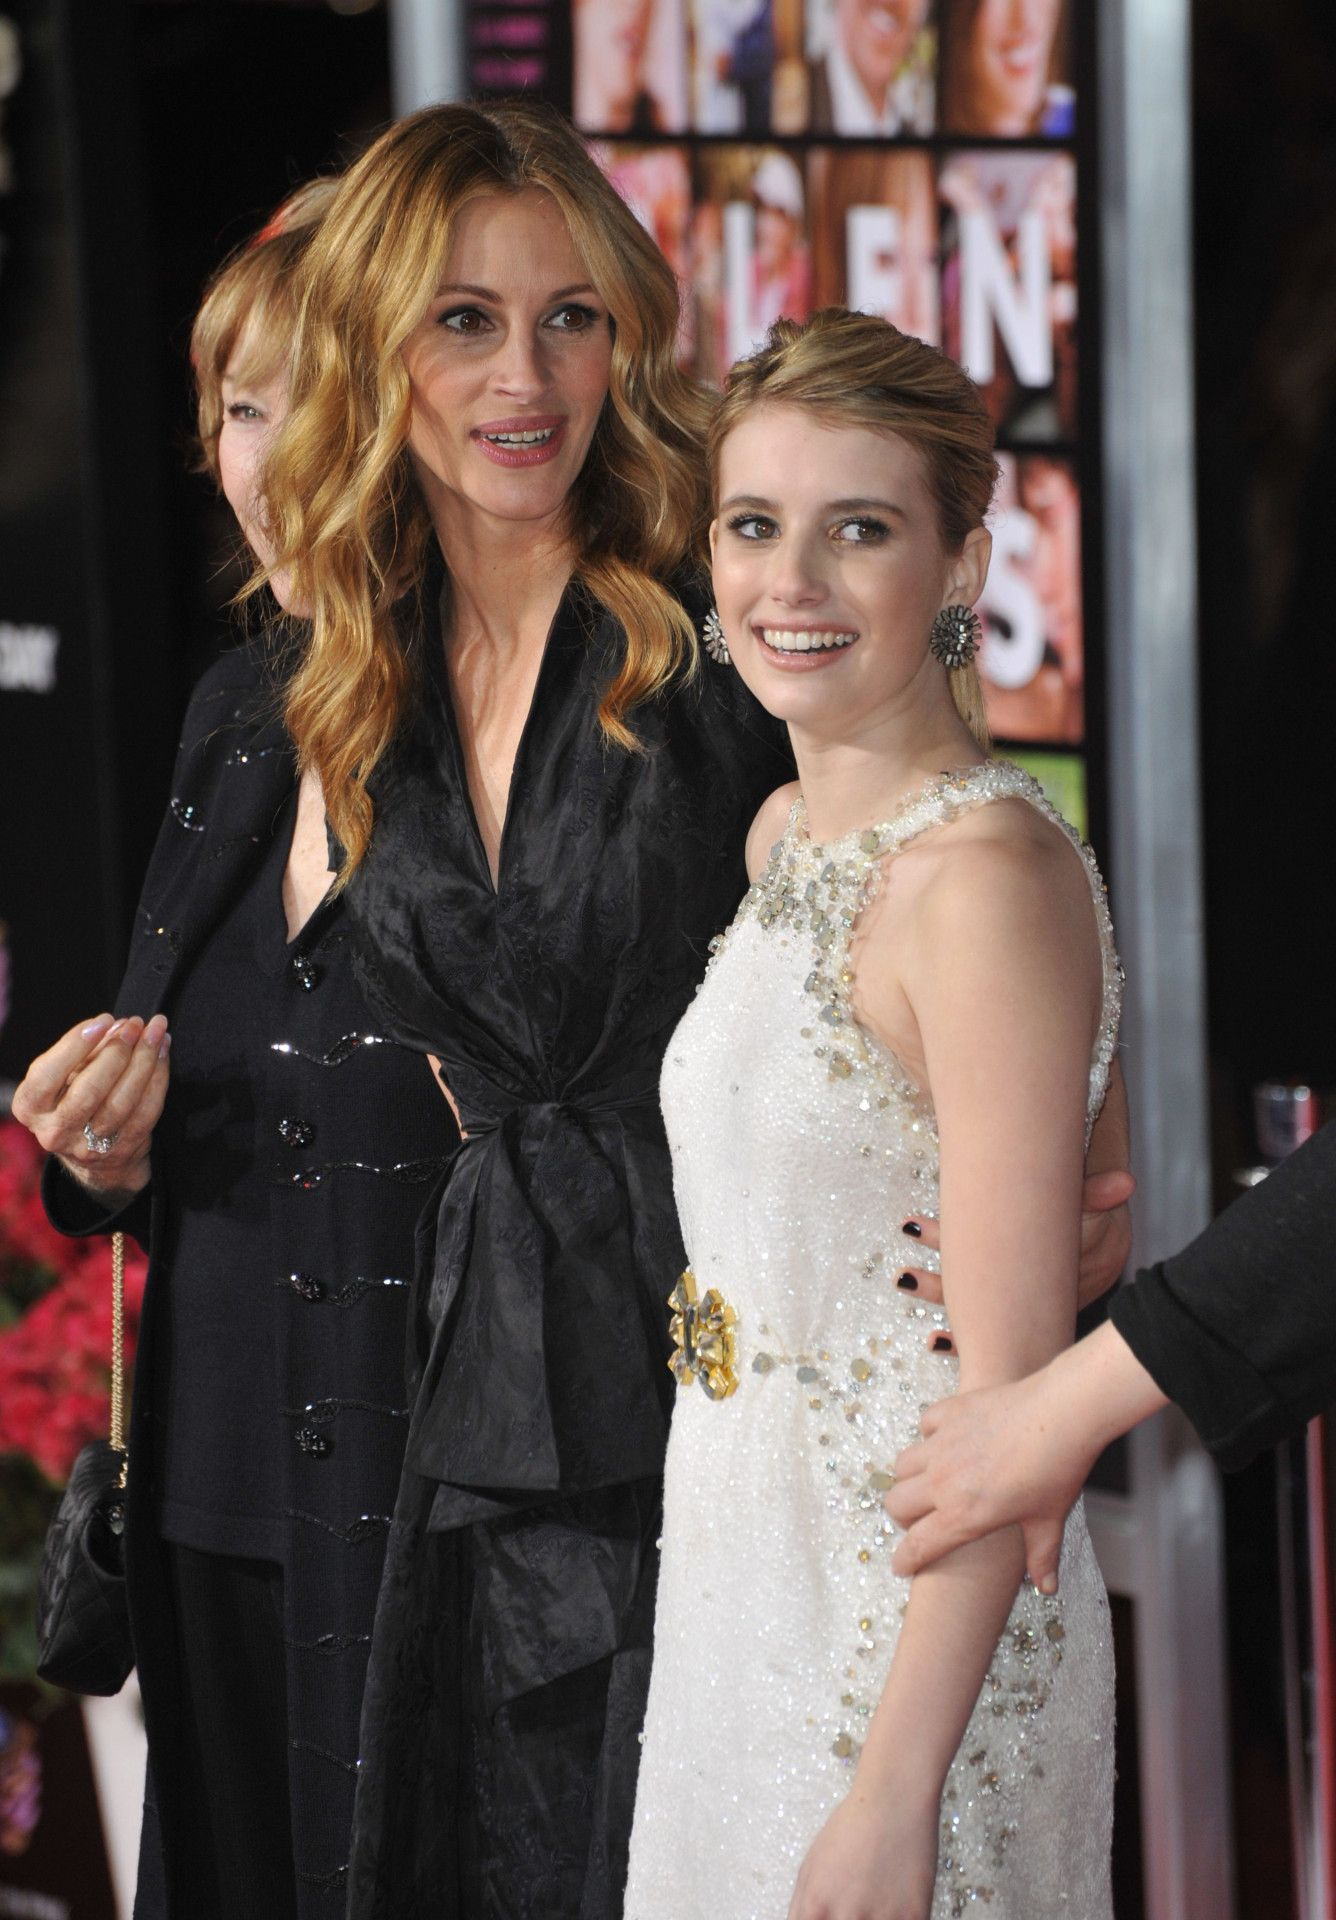 Die Nichte von Julia Roberts, Emma Roberts, ist ebenfalls eine erfolgreiche Schauspielerin.